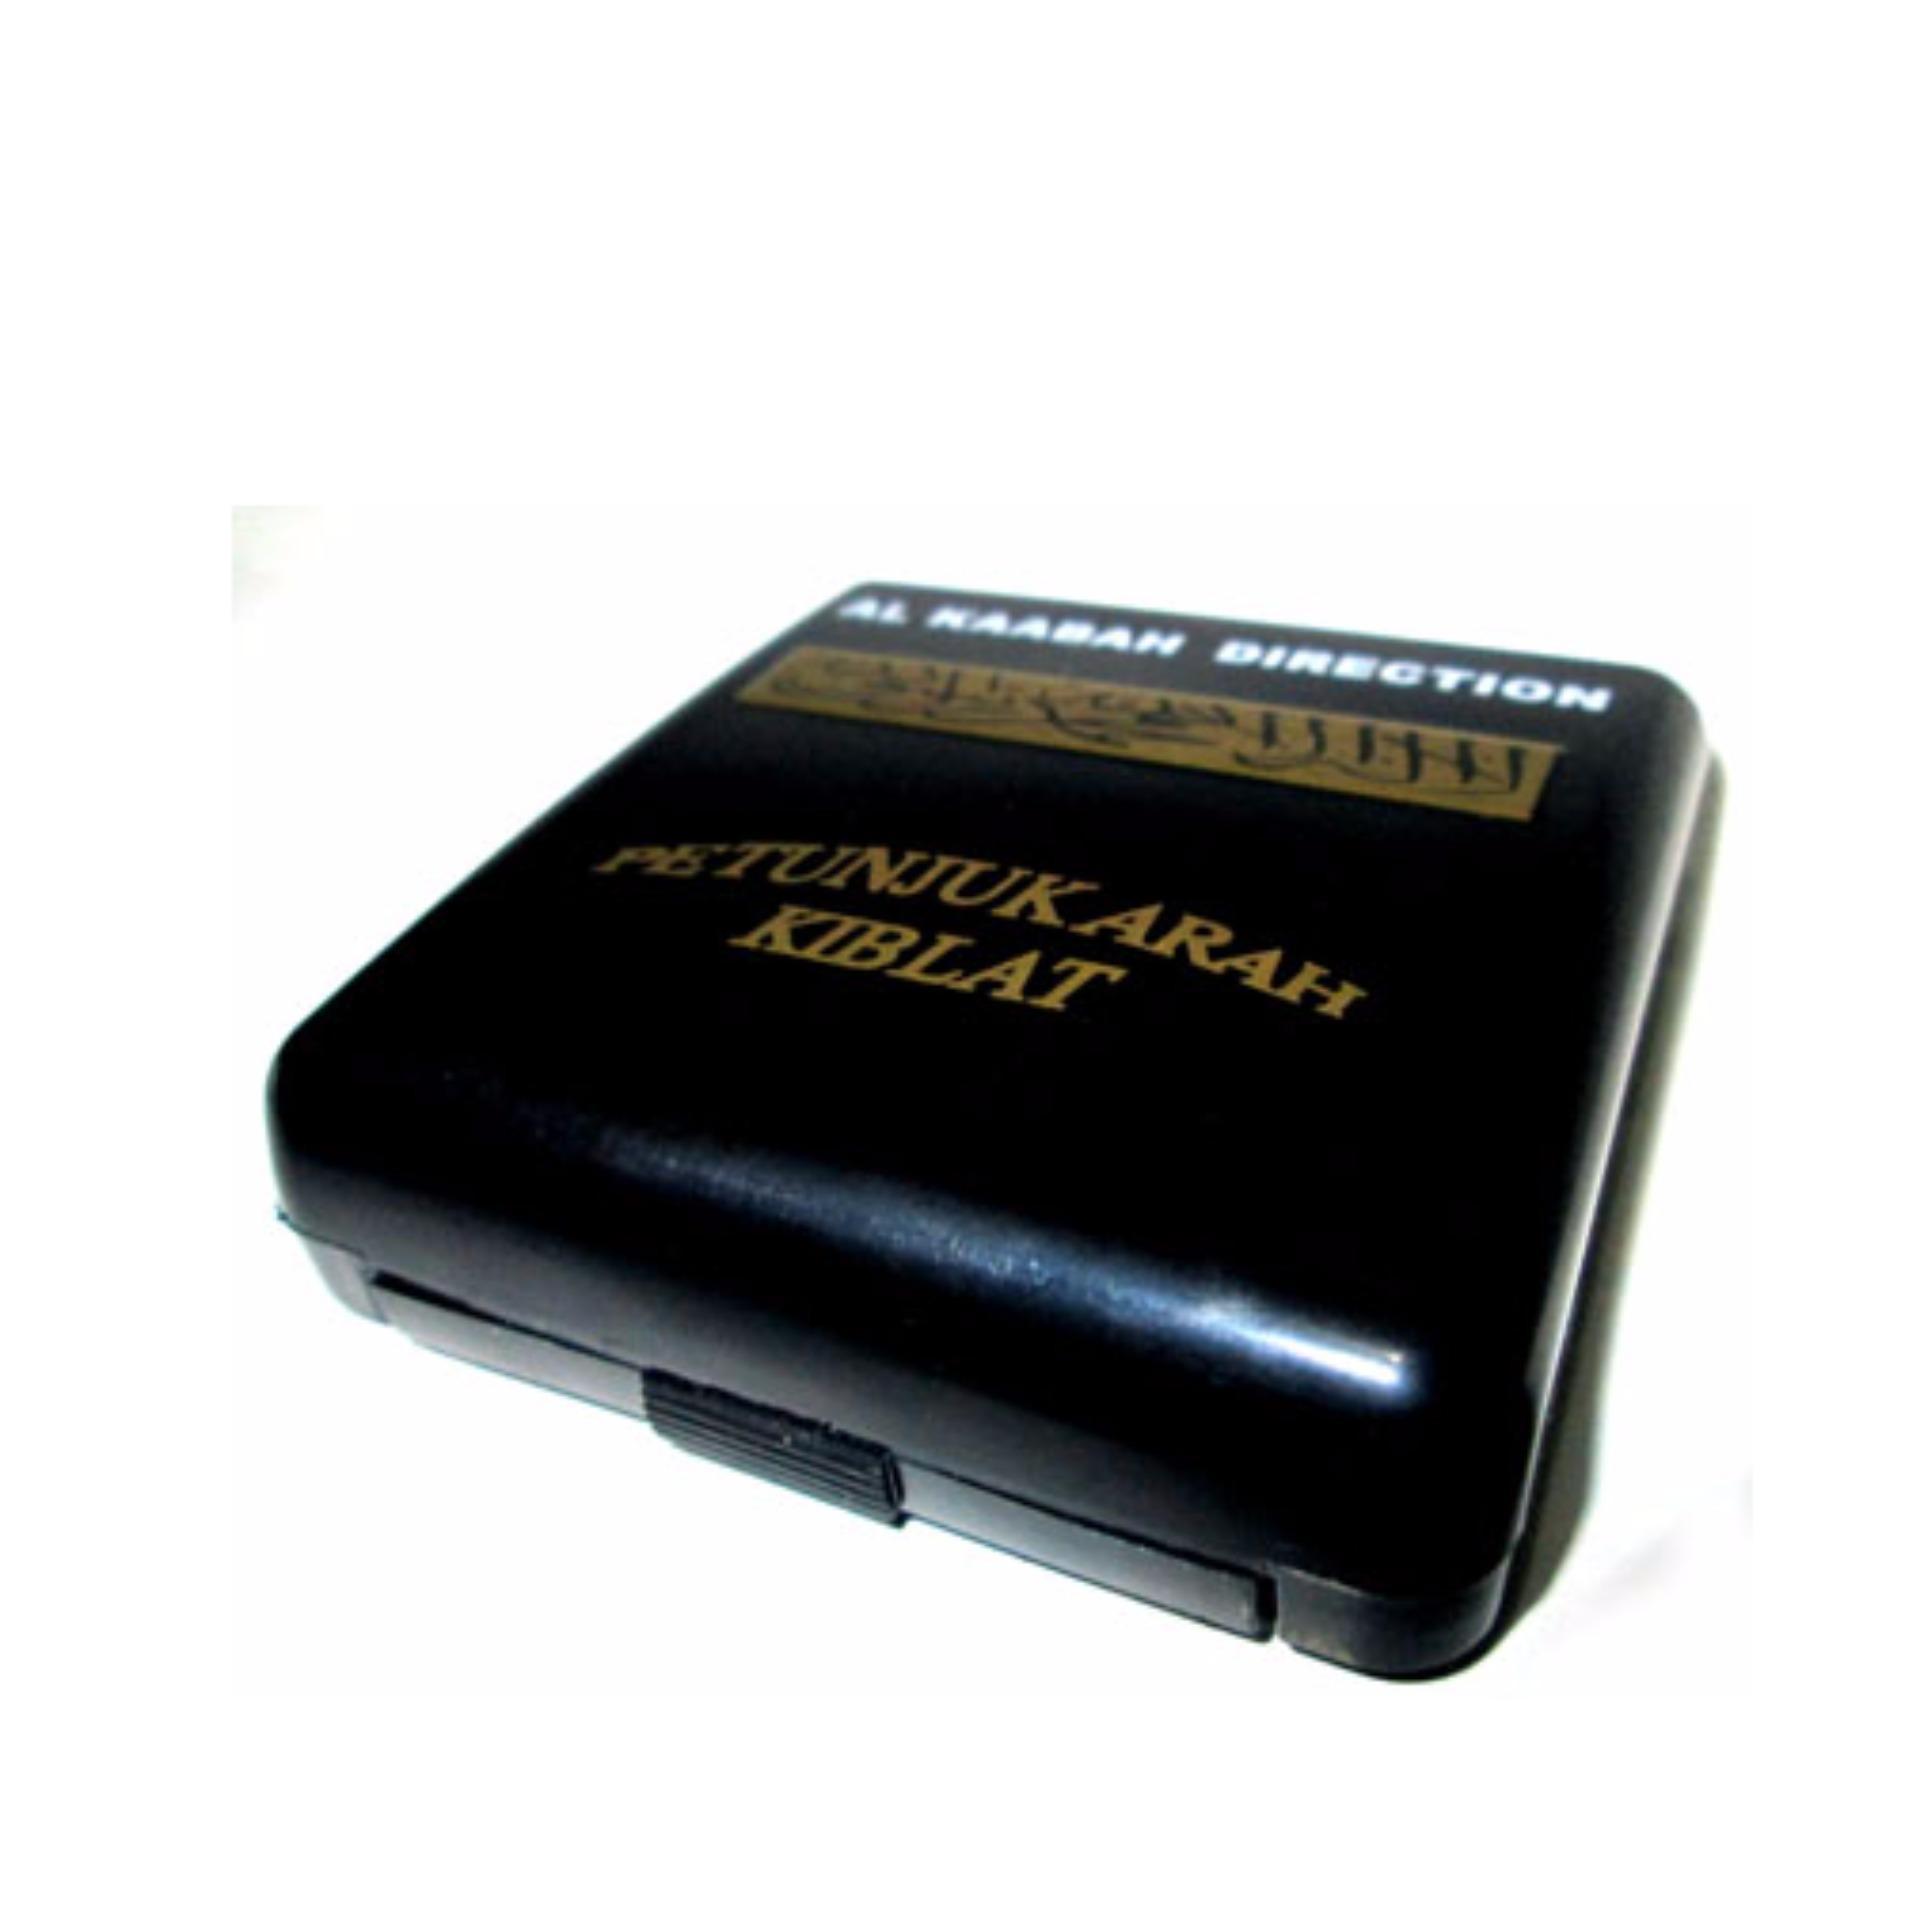 Sloof Penunjuk Arah Kiblat Kompas Daftar Update Harga Teiwe Moeslim Watch Tw15001 Jam Tangan Pria Silver